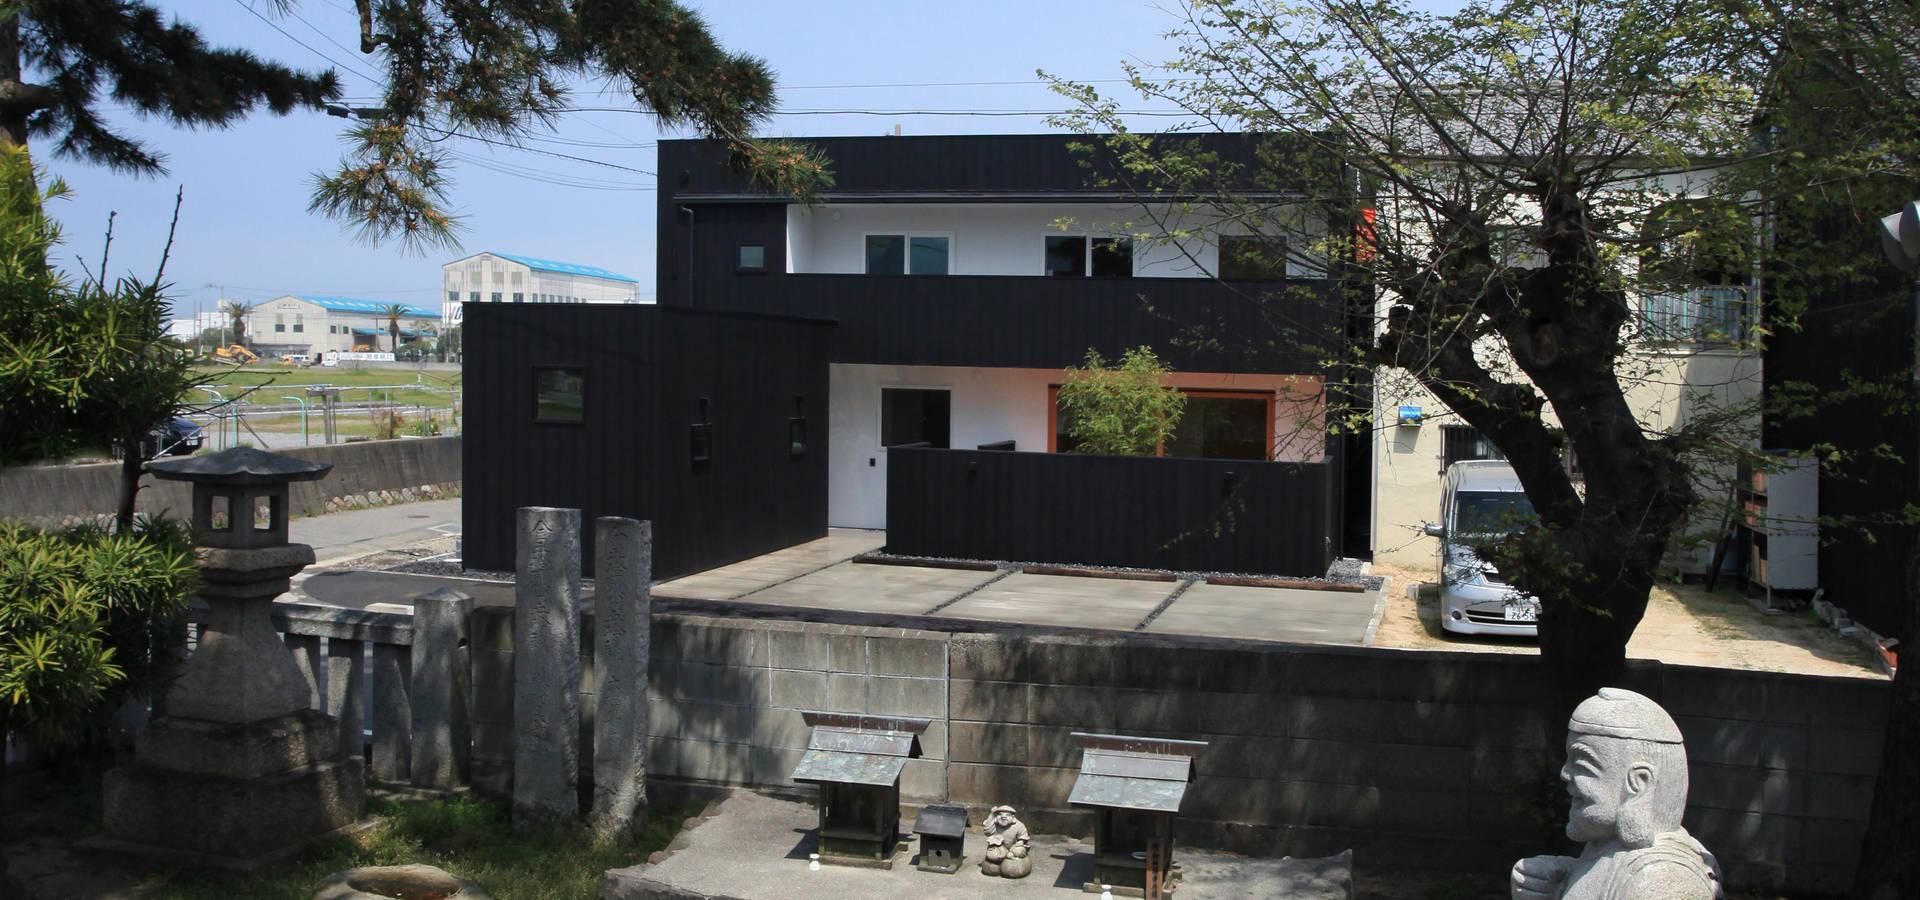 スミカデザインオフィス